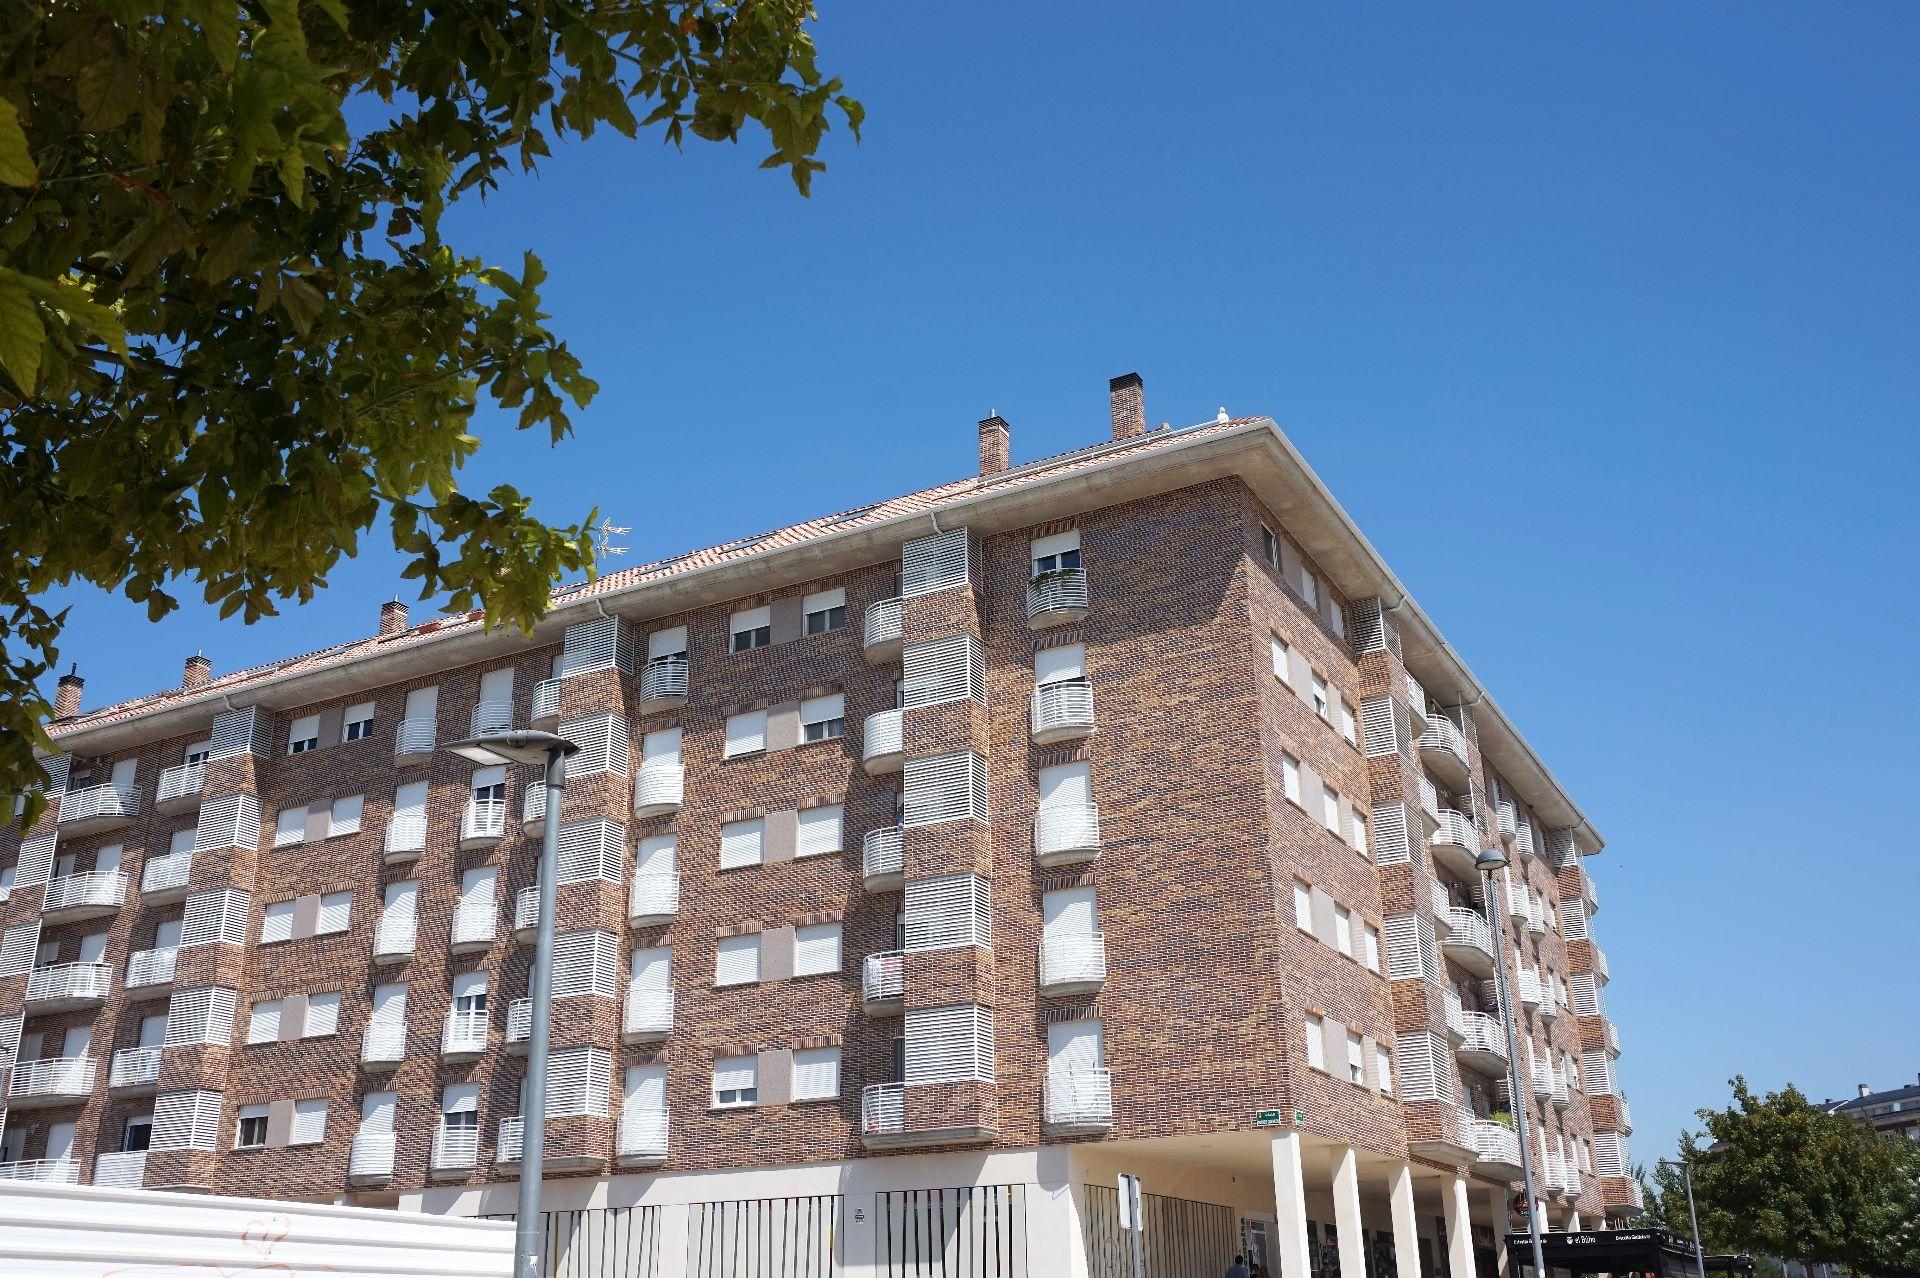 Piso en Arroyo de la Encomienda, ARROYO DE LA ENCOMIENDA, venta